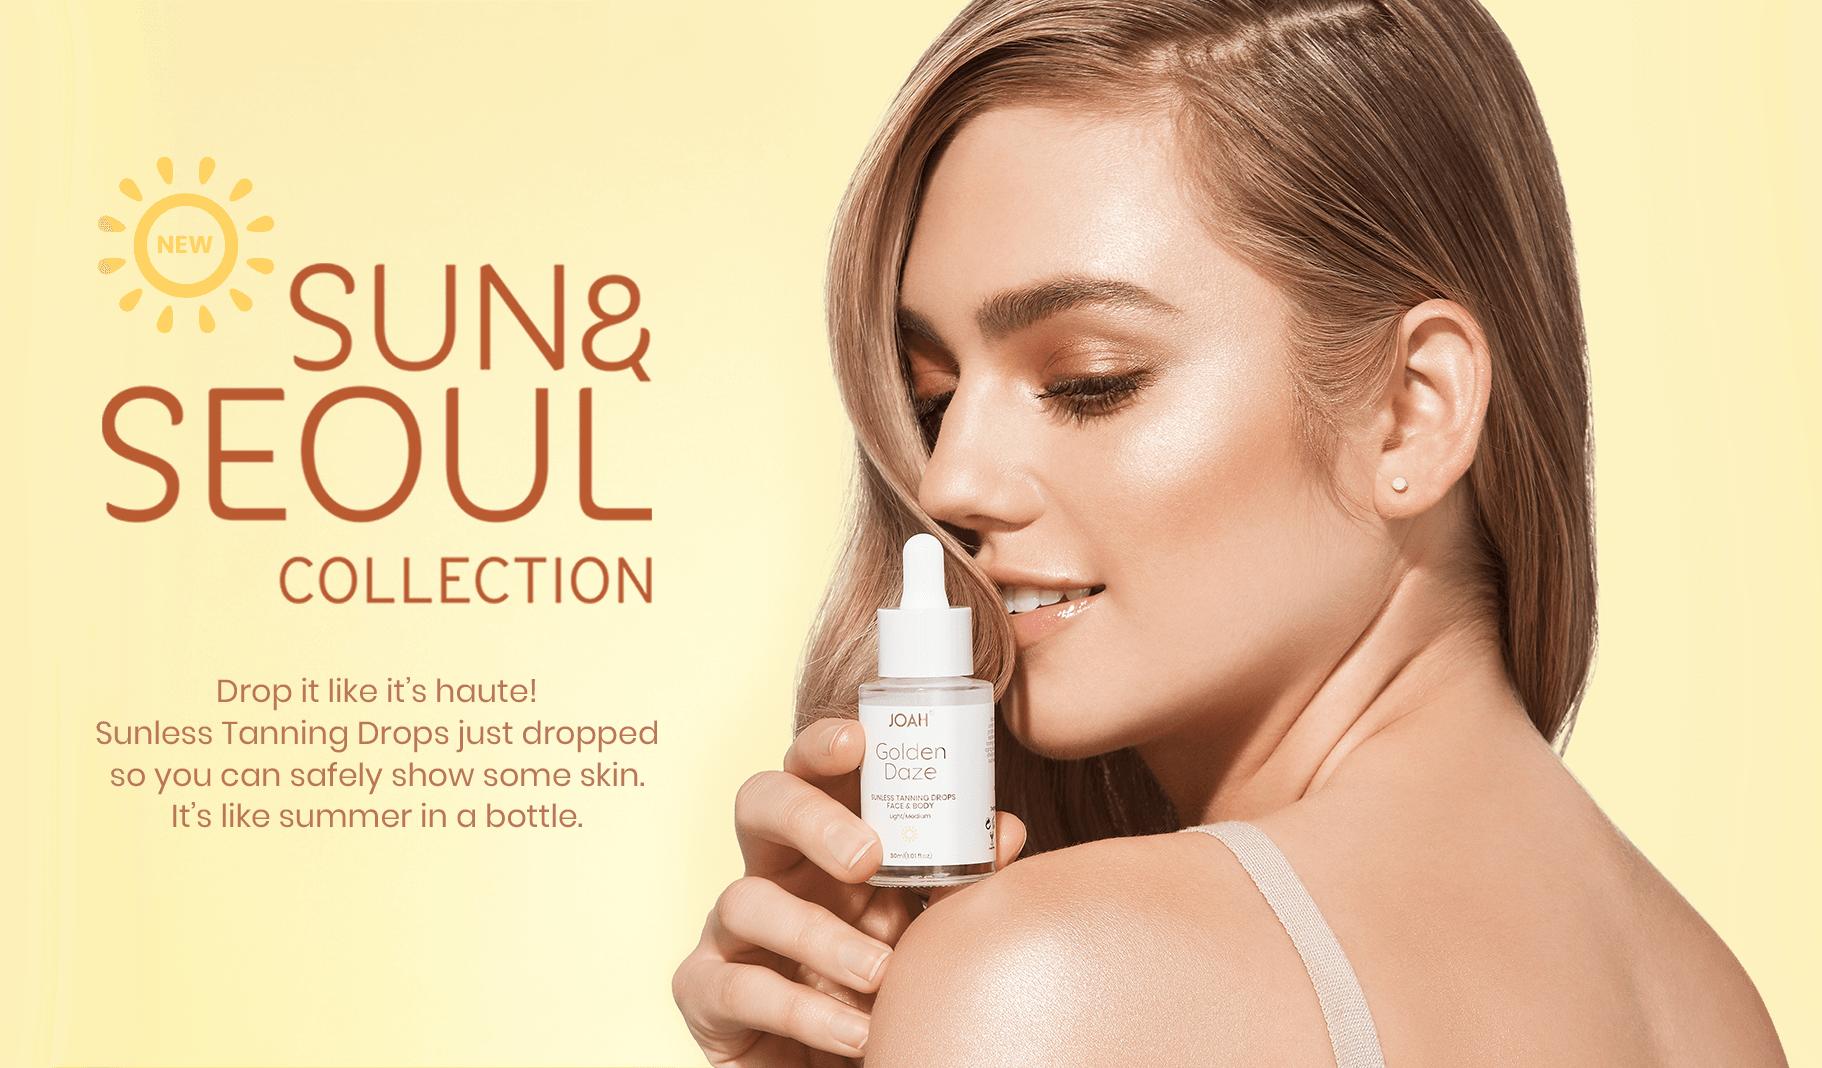 JOAH Beauty Sun & Seoul Self Tanning Drops